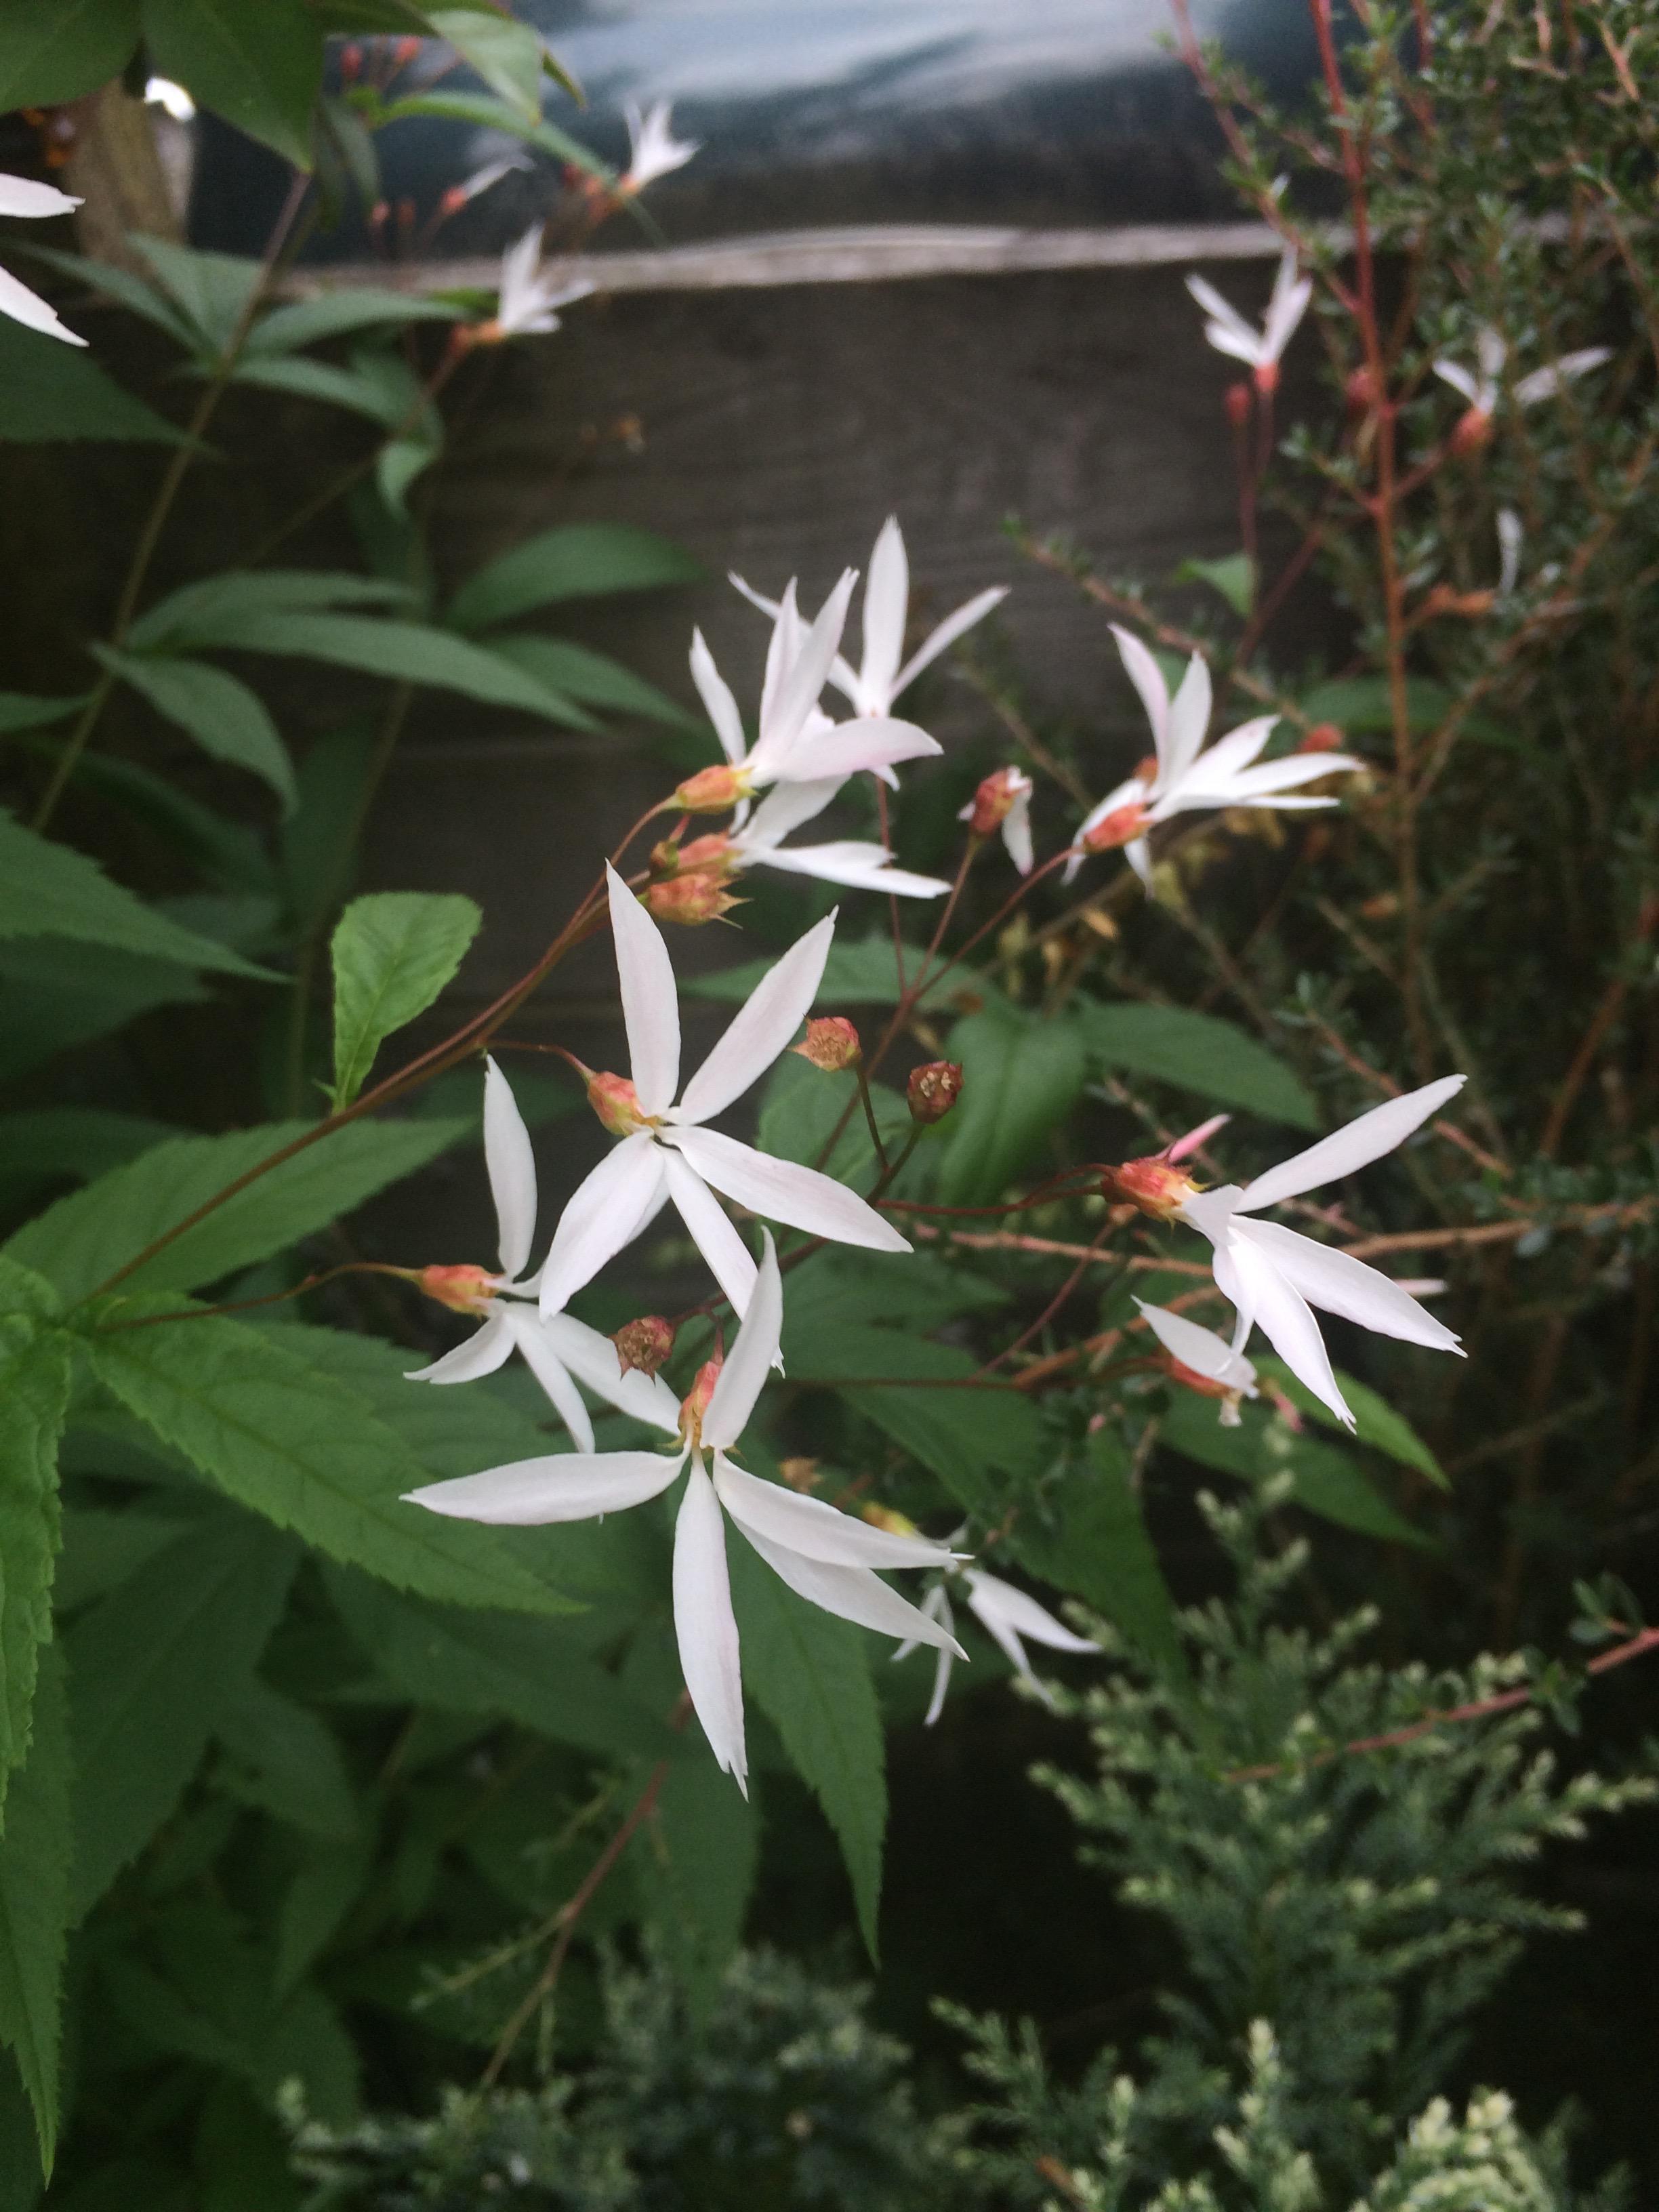 7 x Sisyrinchium /'Raspberry/' bare root plants